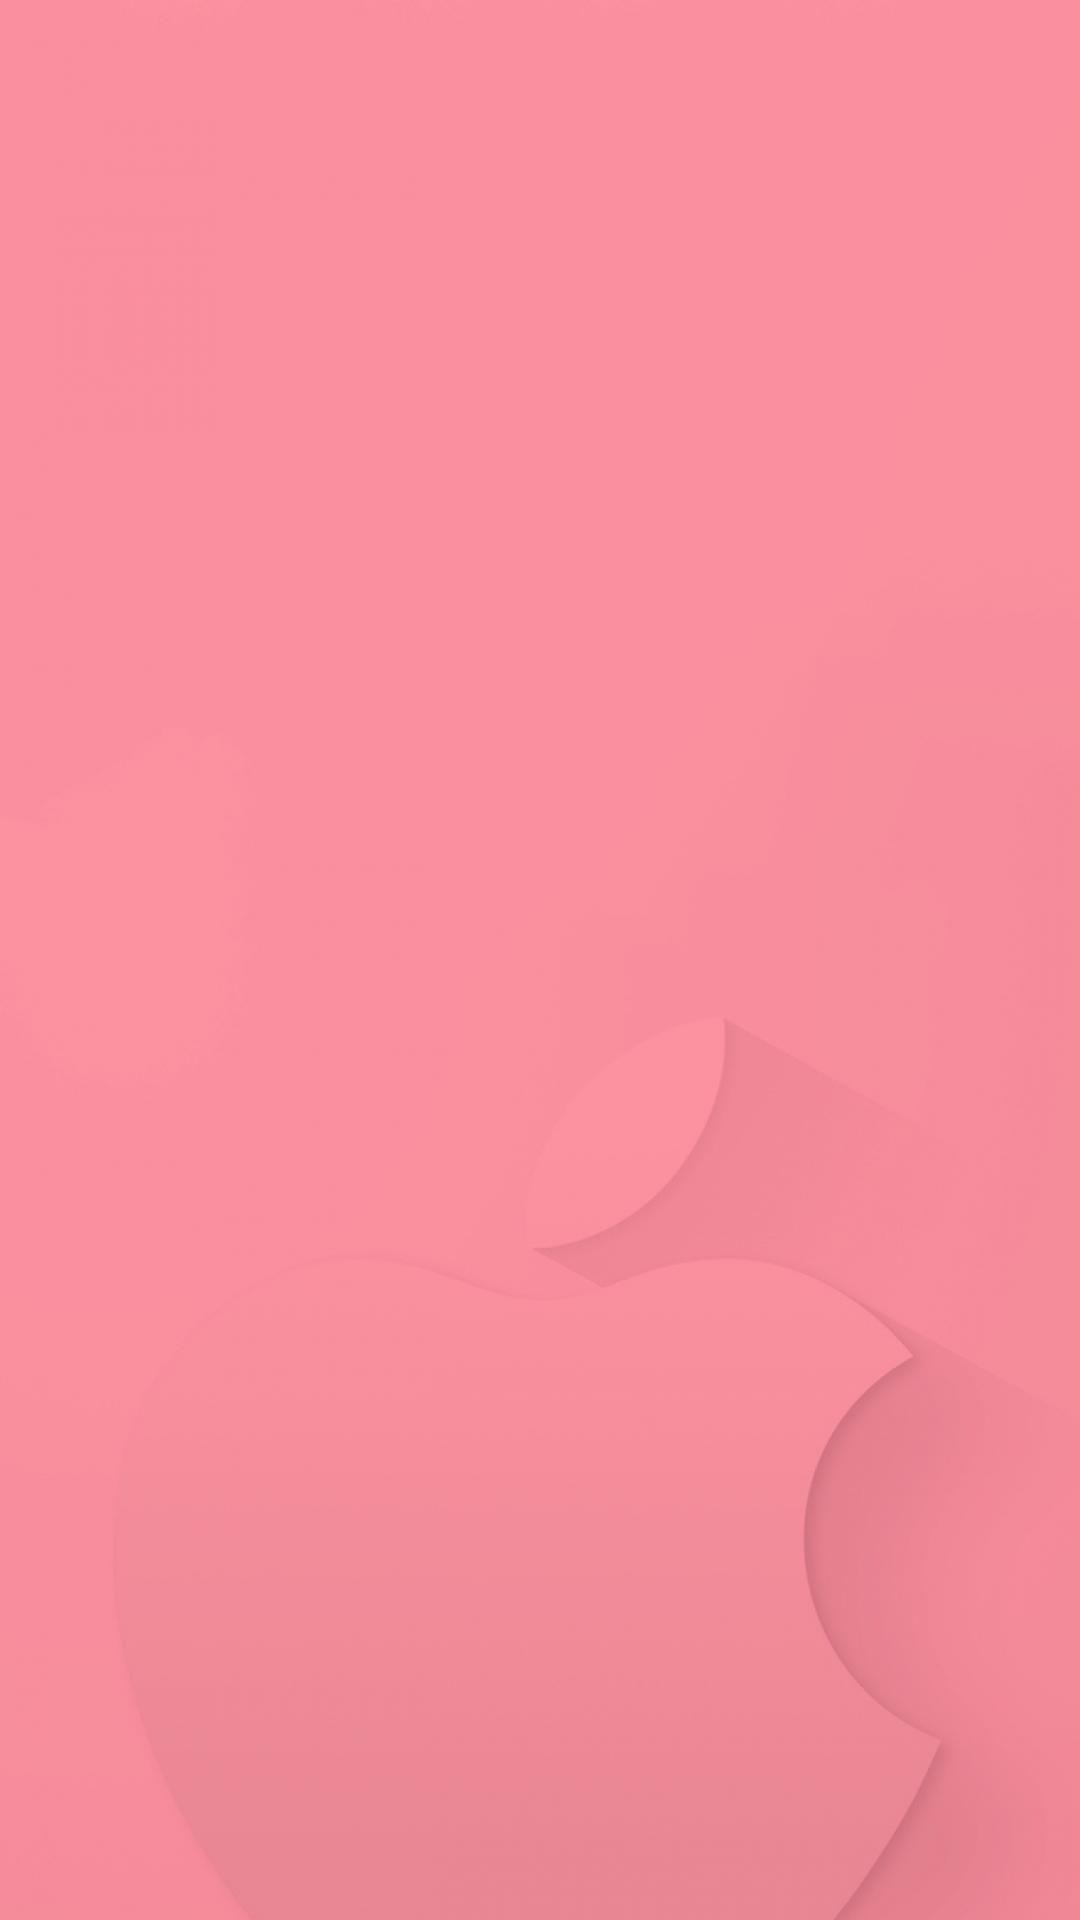 シンプルなピンク ピンク 壁紙 Iphone Iphone壁紙 スマホ壁紙